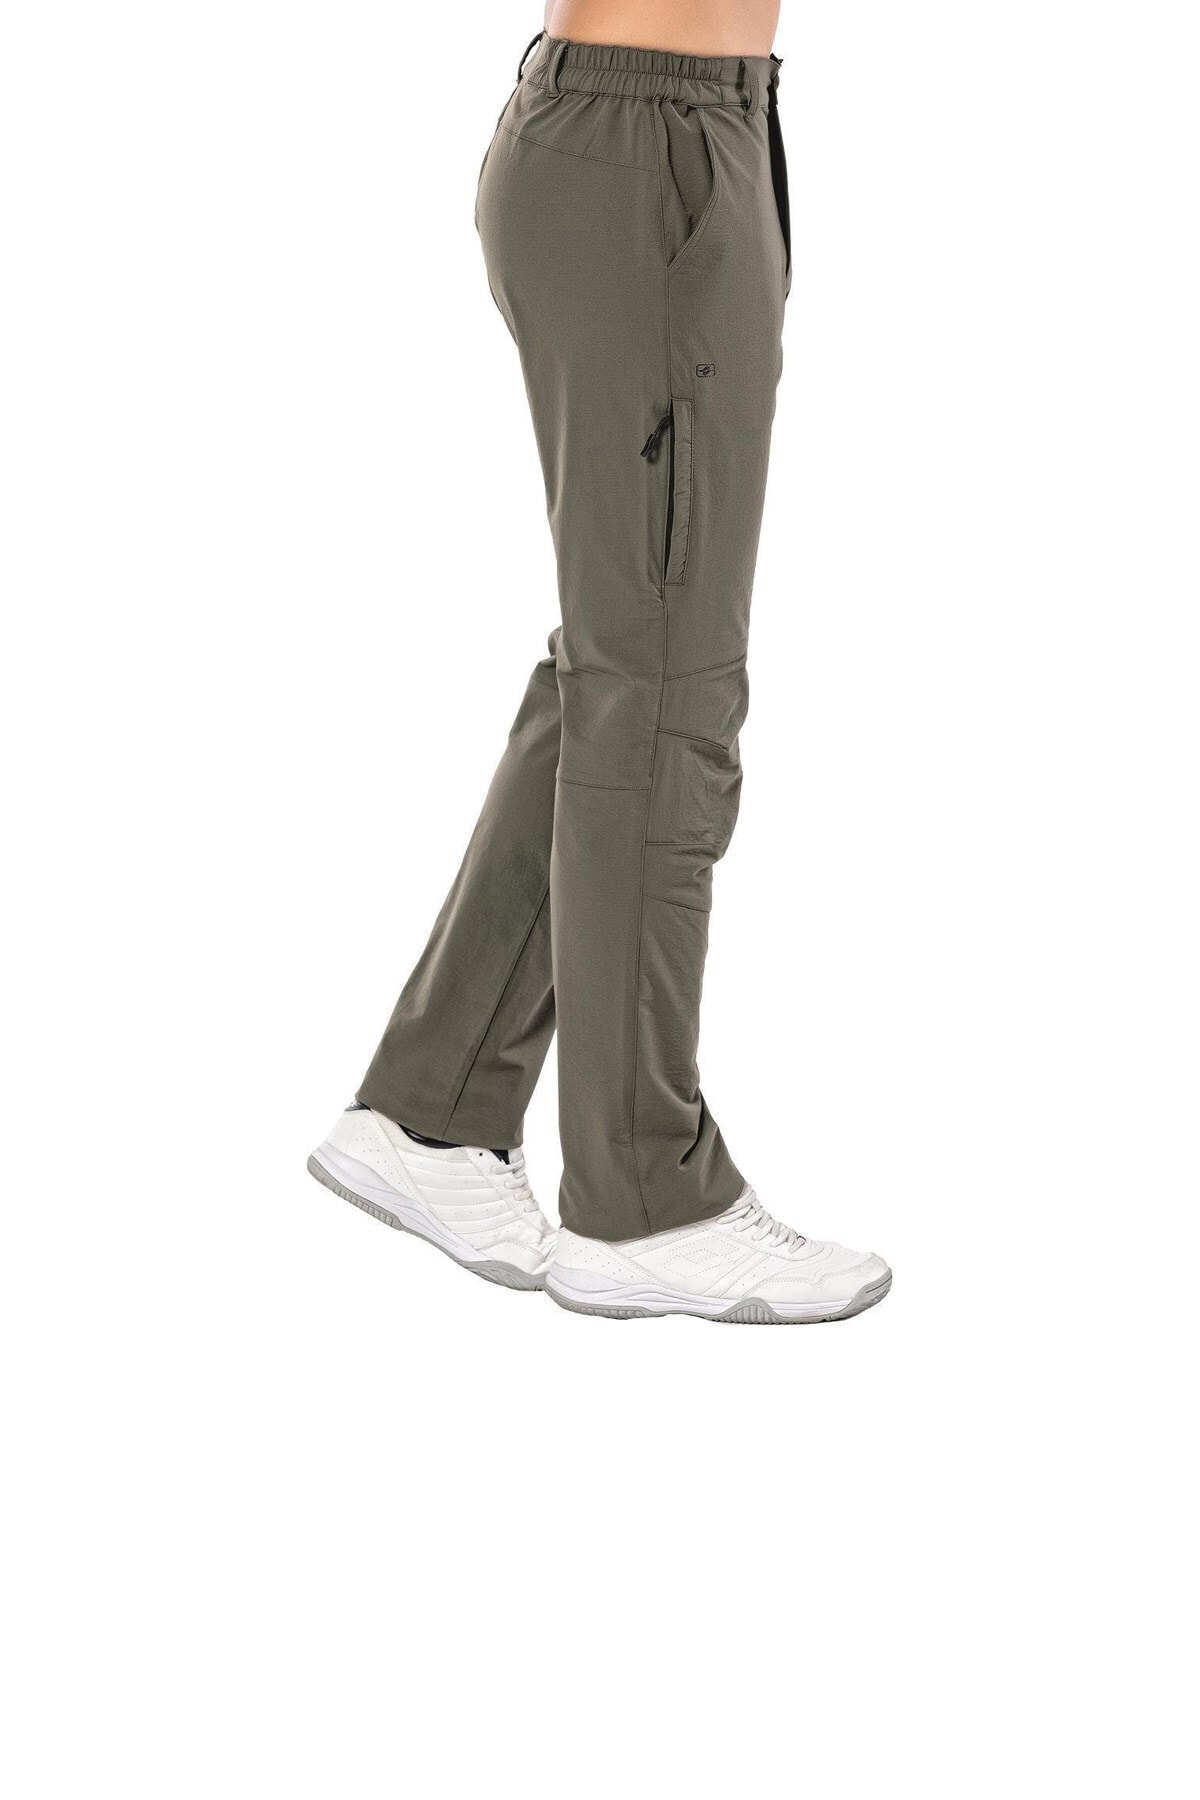 Crozwise Erkek Yeşil  Outdoor Pantolon 2131-04 1